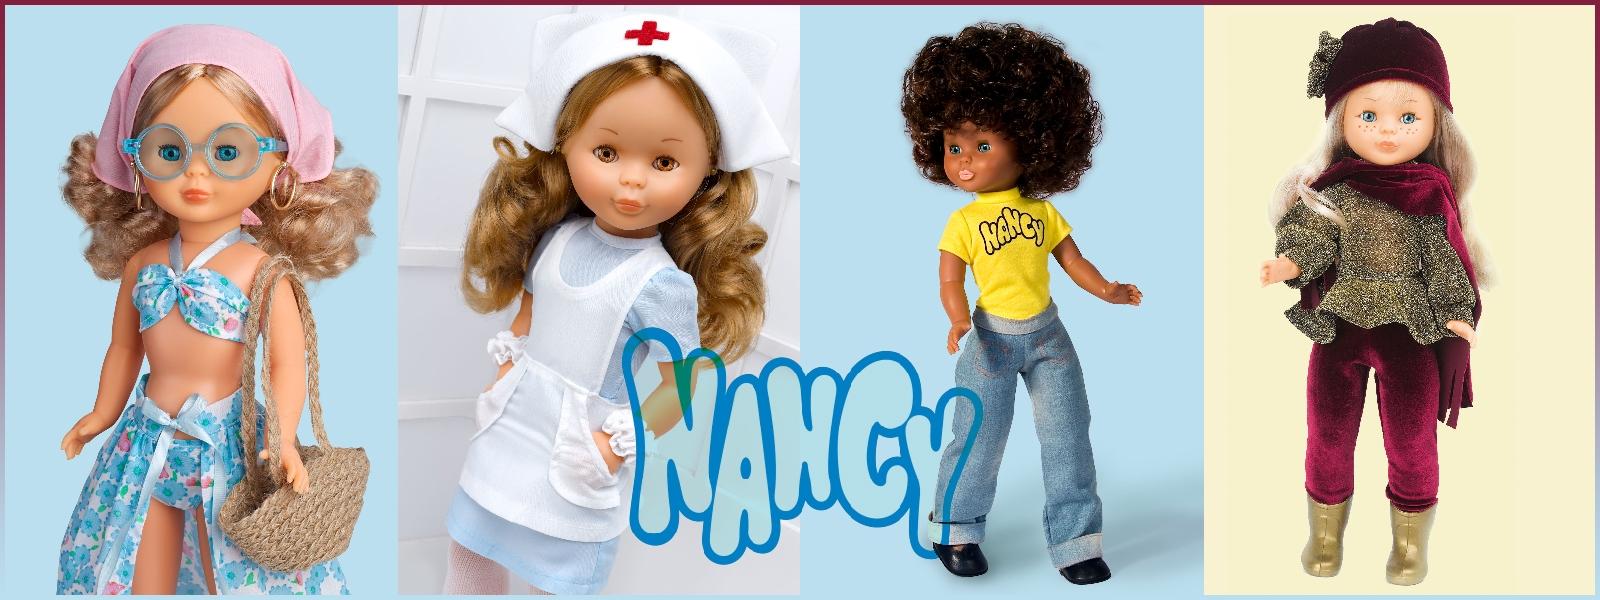 Nancy Juguetes Centroxogo online